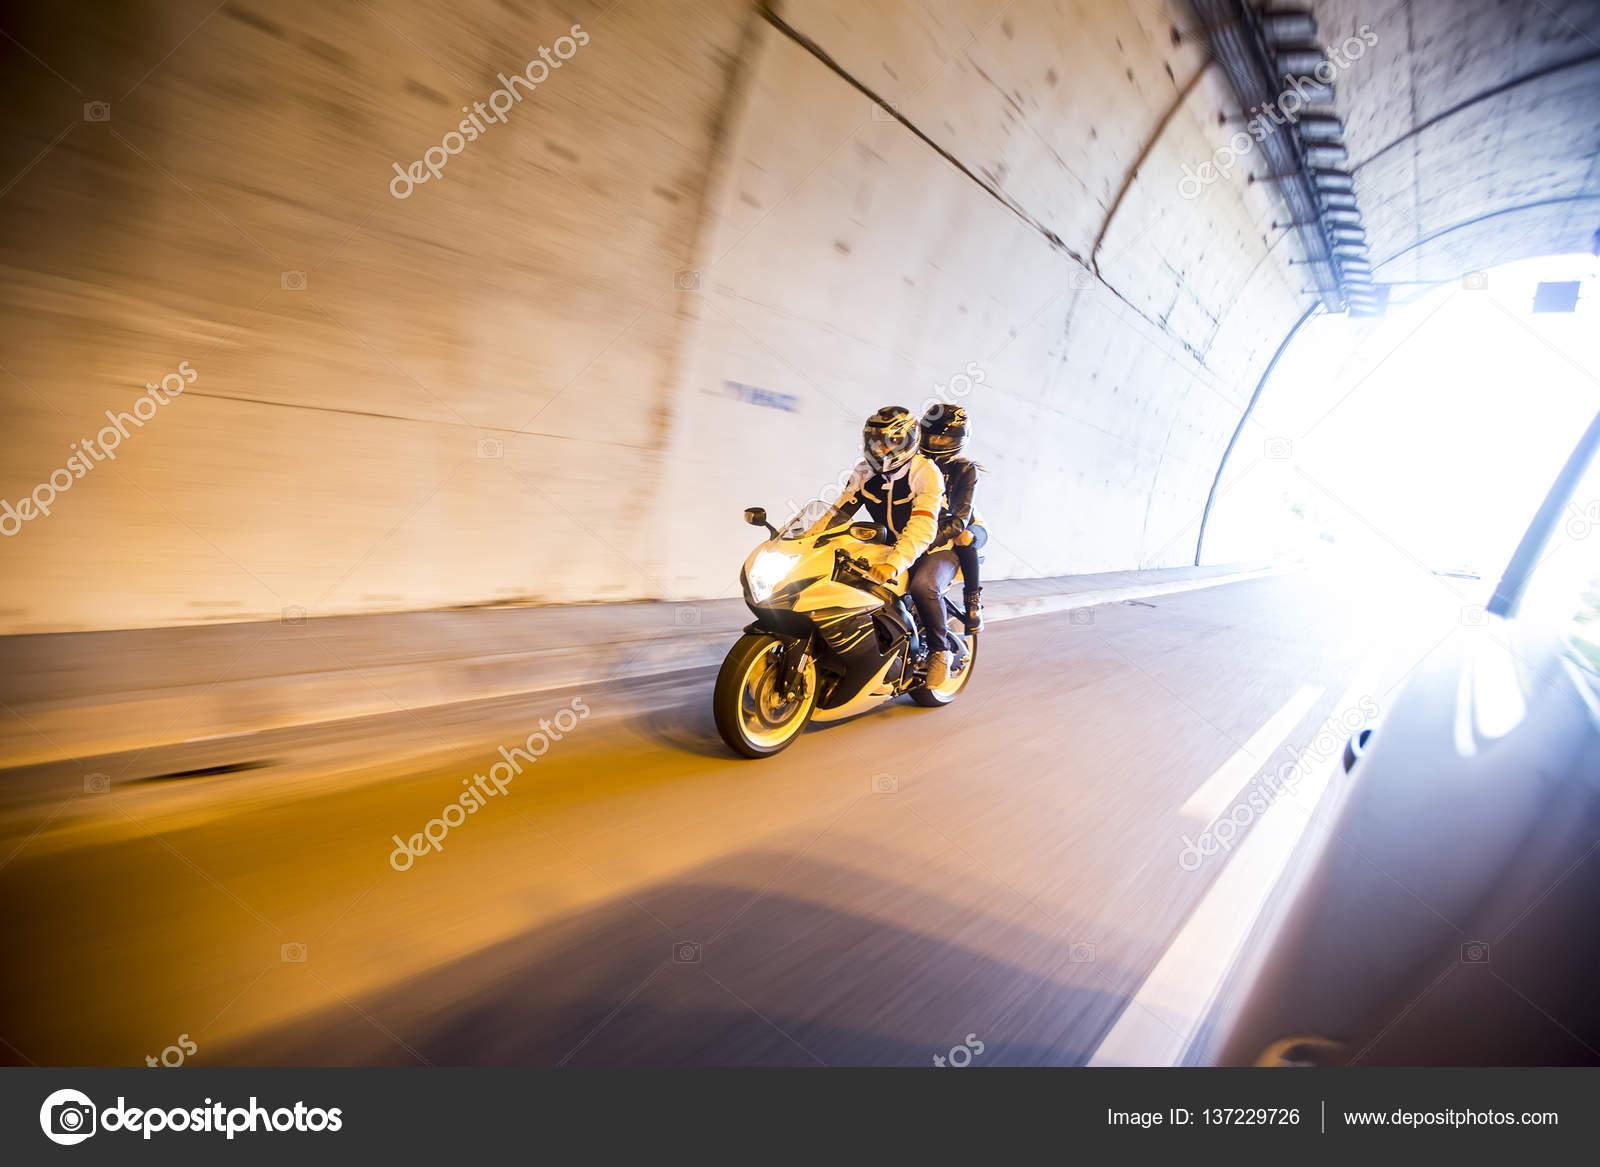 ᐈ Pareja En Moto Imágenes De Stock Fotos Pareja En Moto